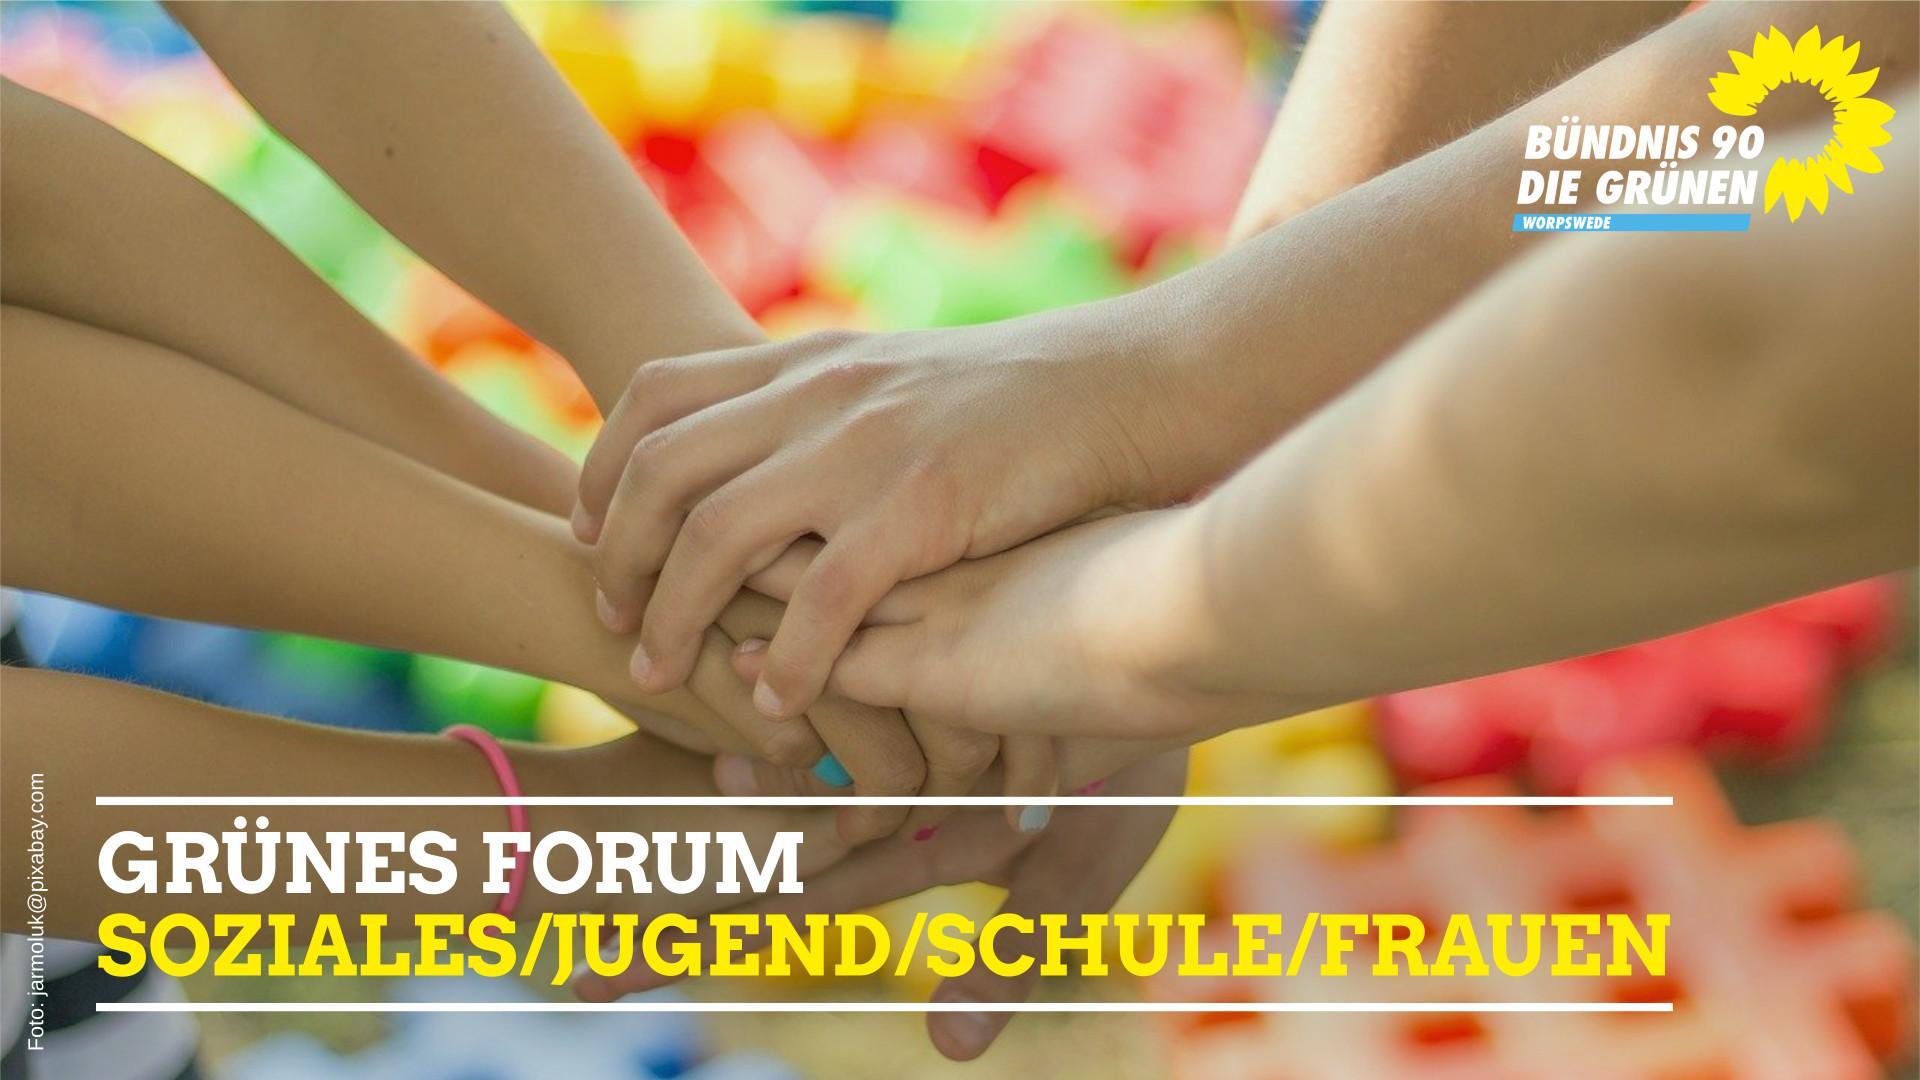 Grünes Forum: Schule, Soziales